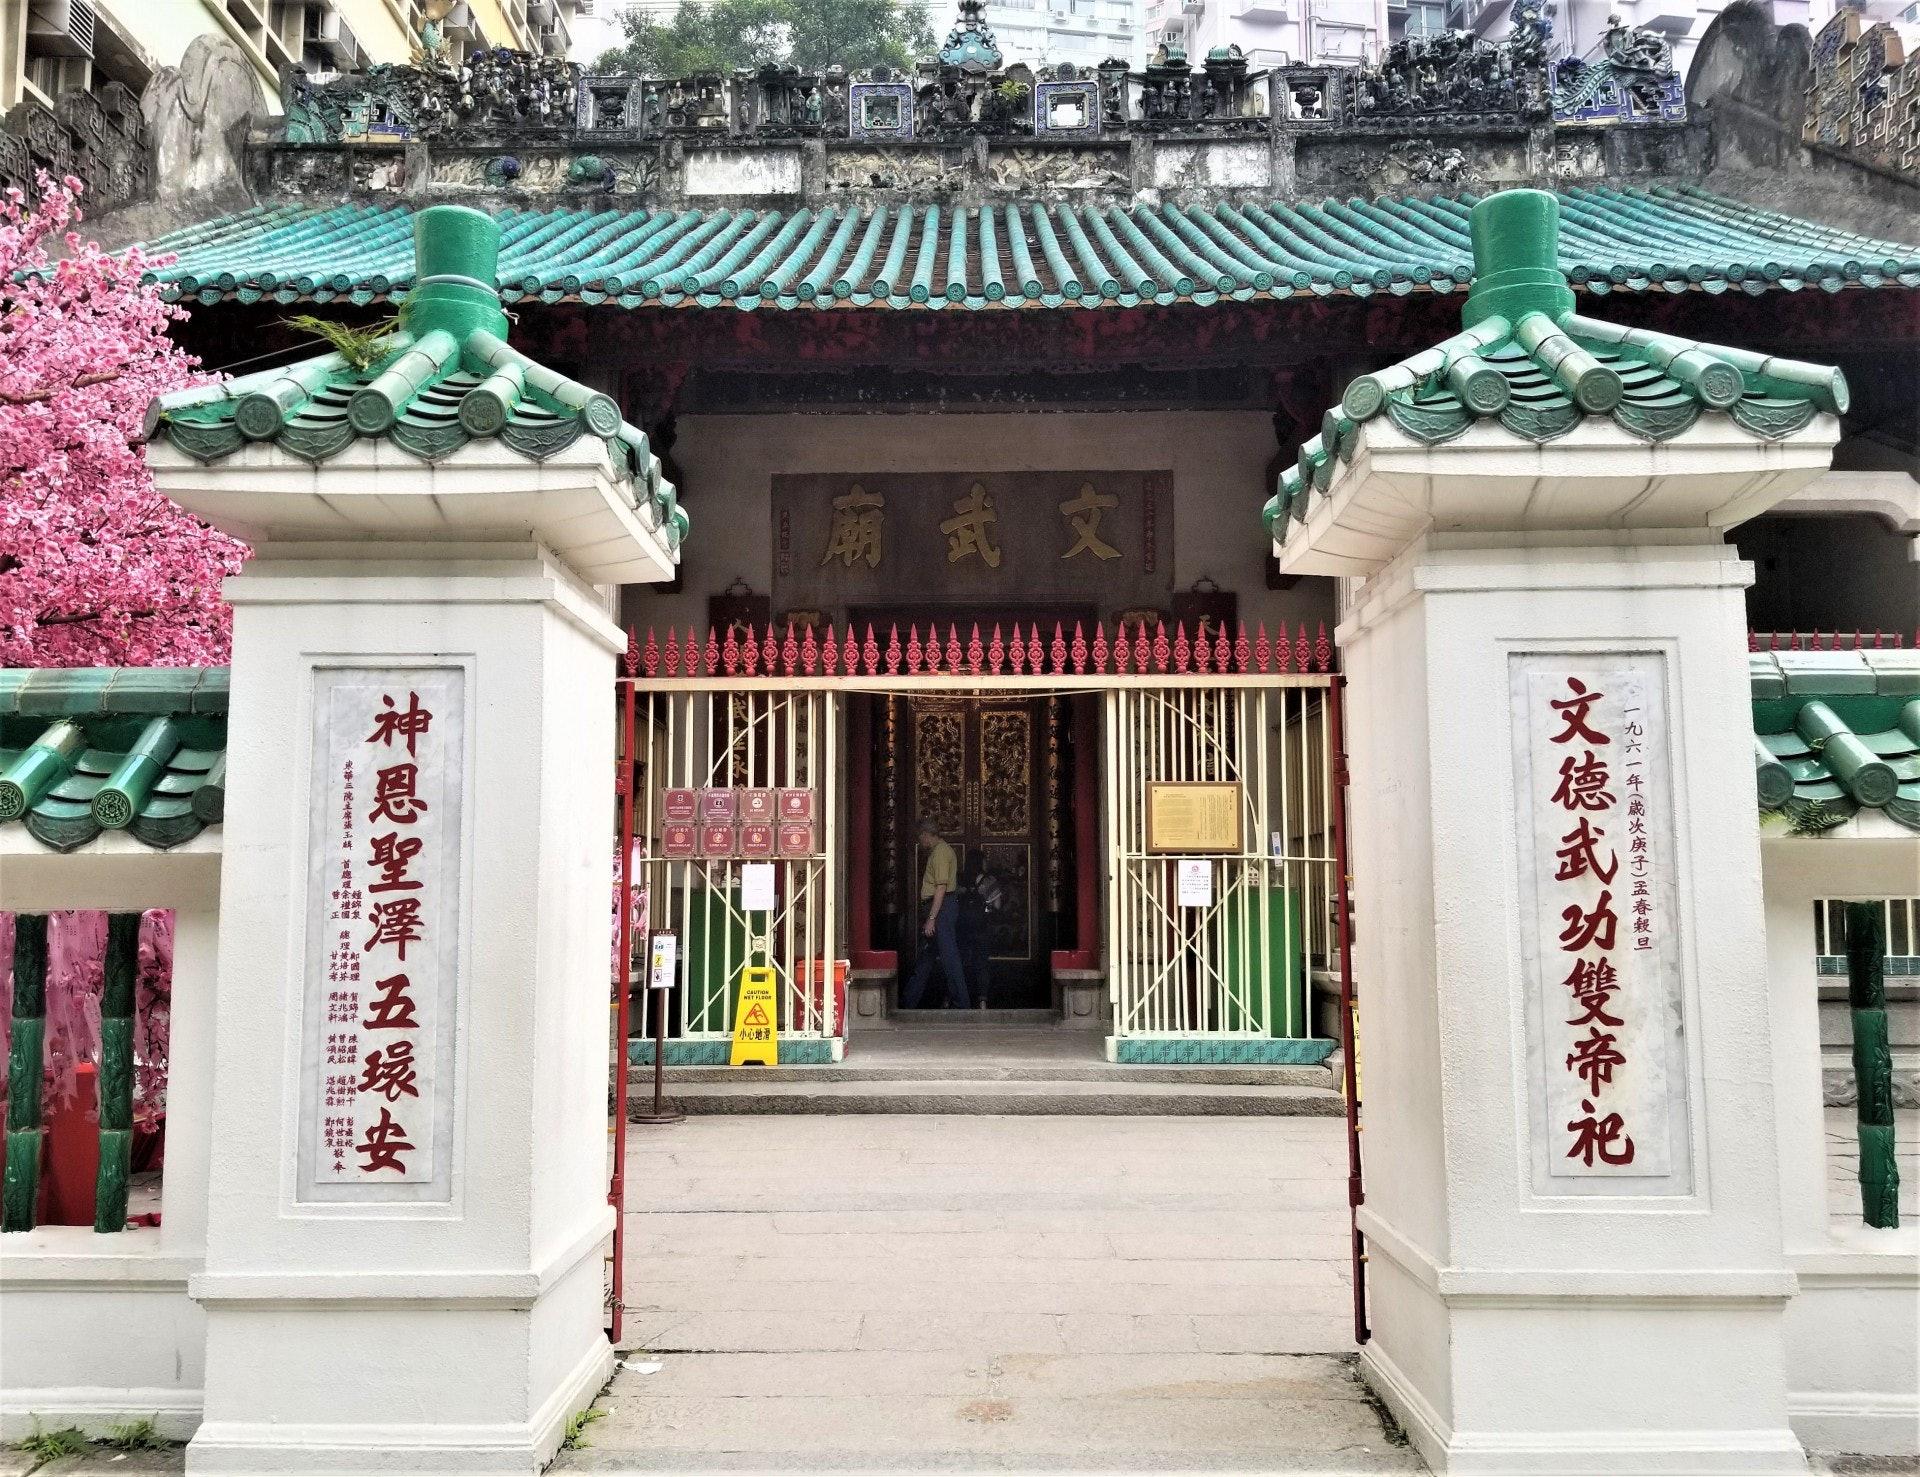 文武廟反映了一百多年前香港華人的社會組織和宗教習俗,具歷史價值。(作者提供)